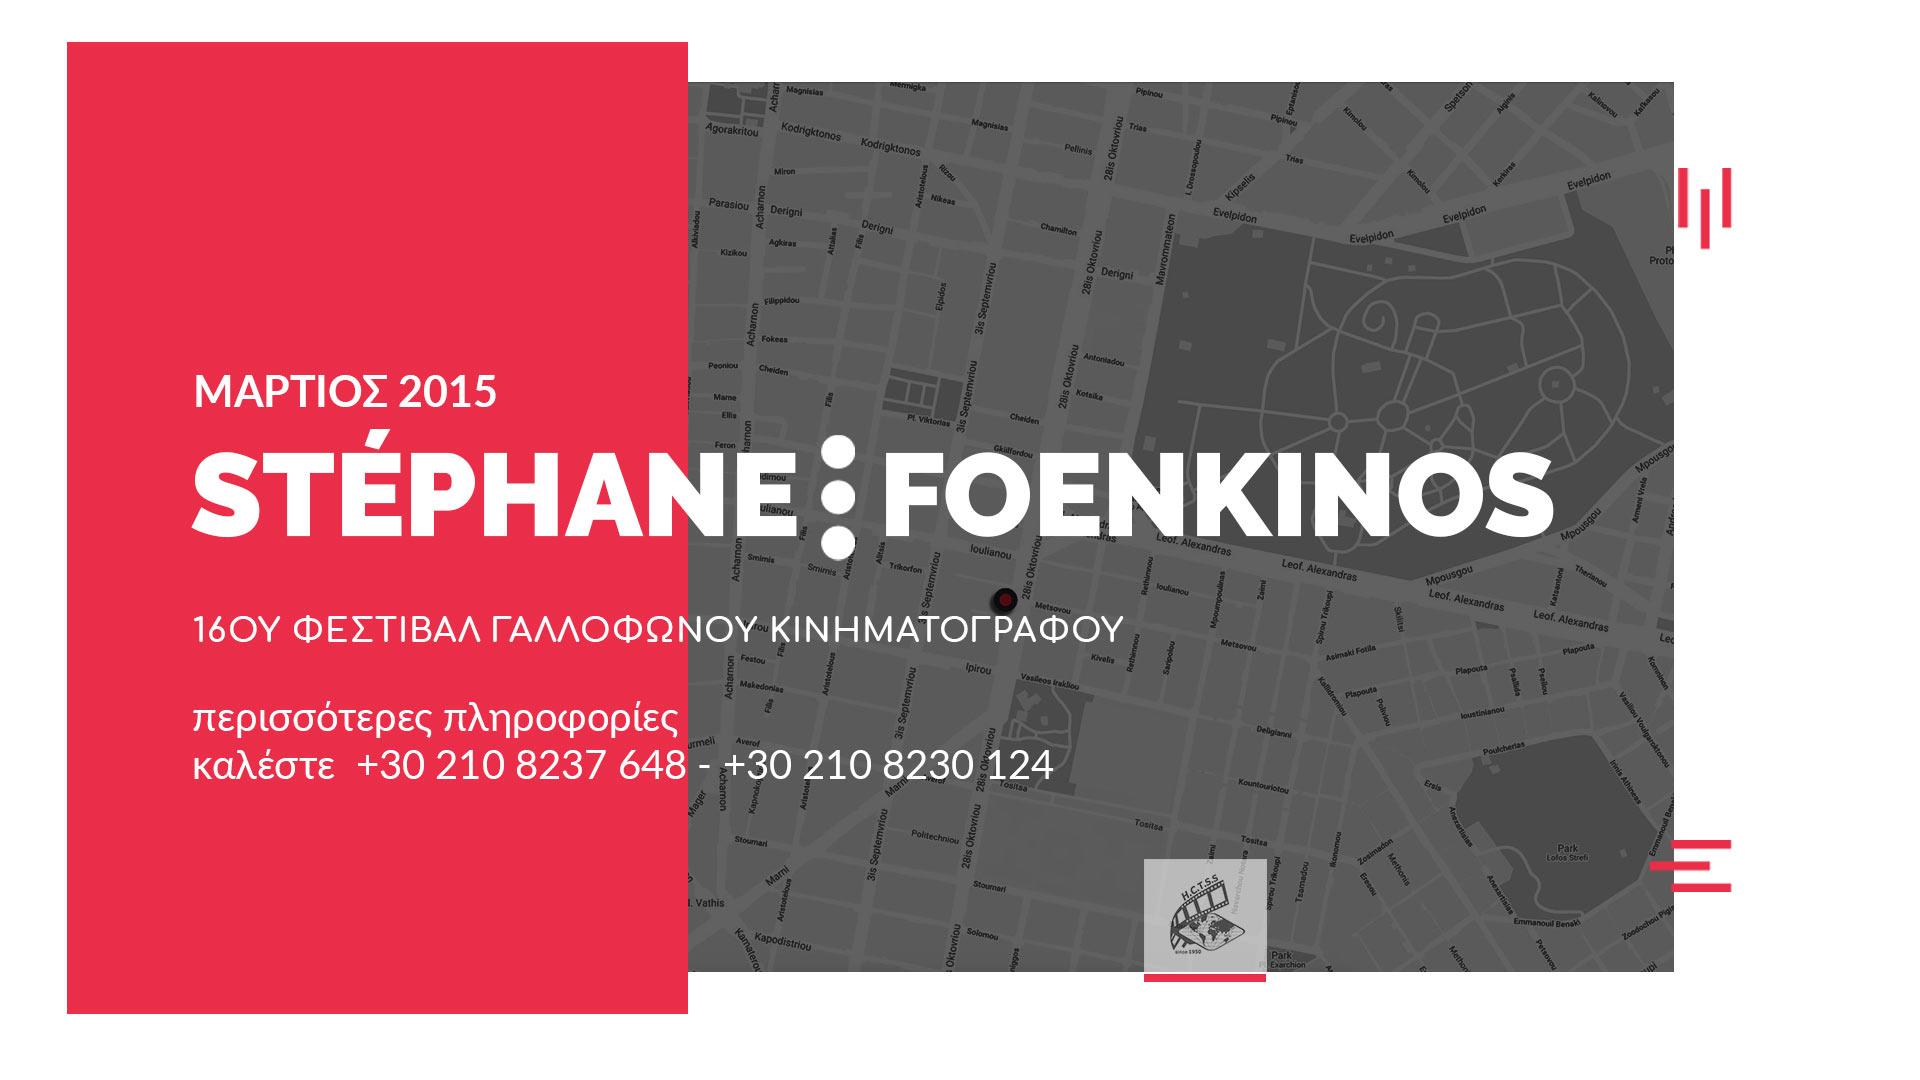 Ο σκηνοθέτης Stephane Foenkinos στη Σχολή Σταύρακου